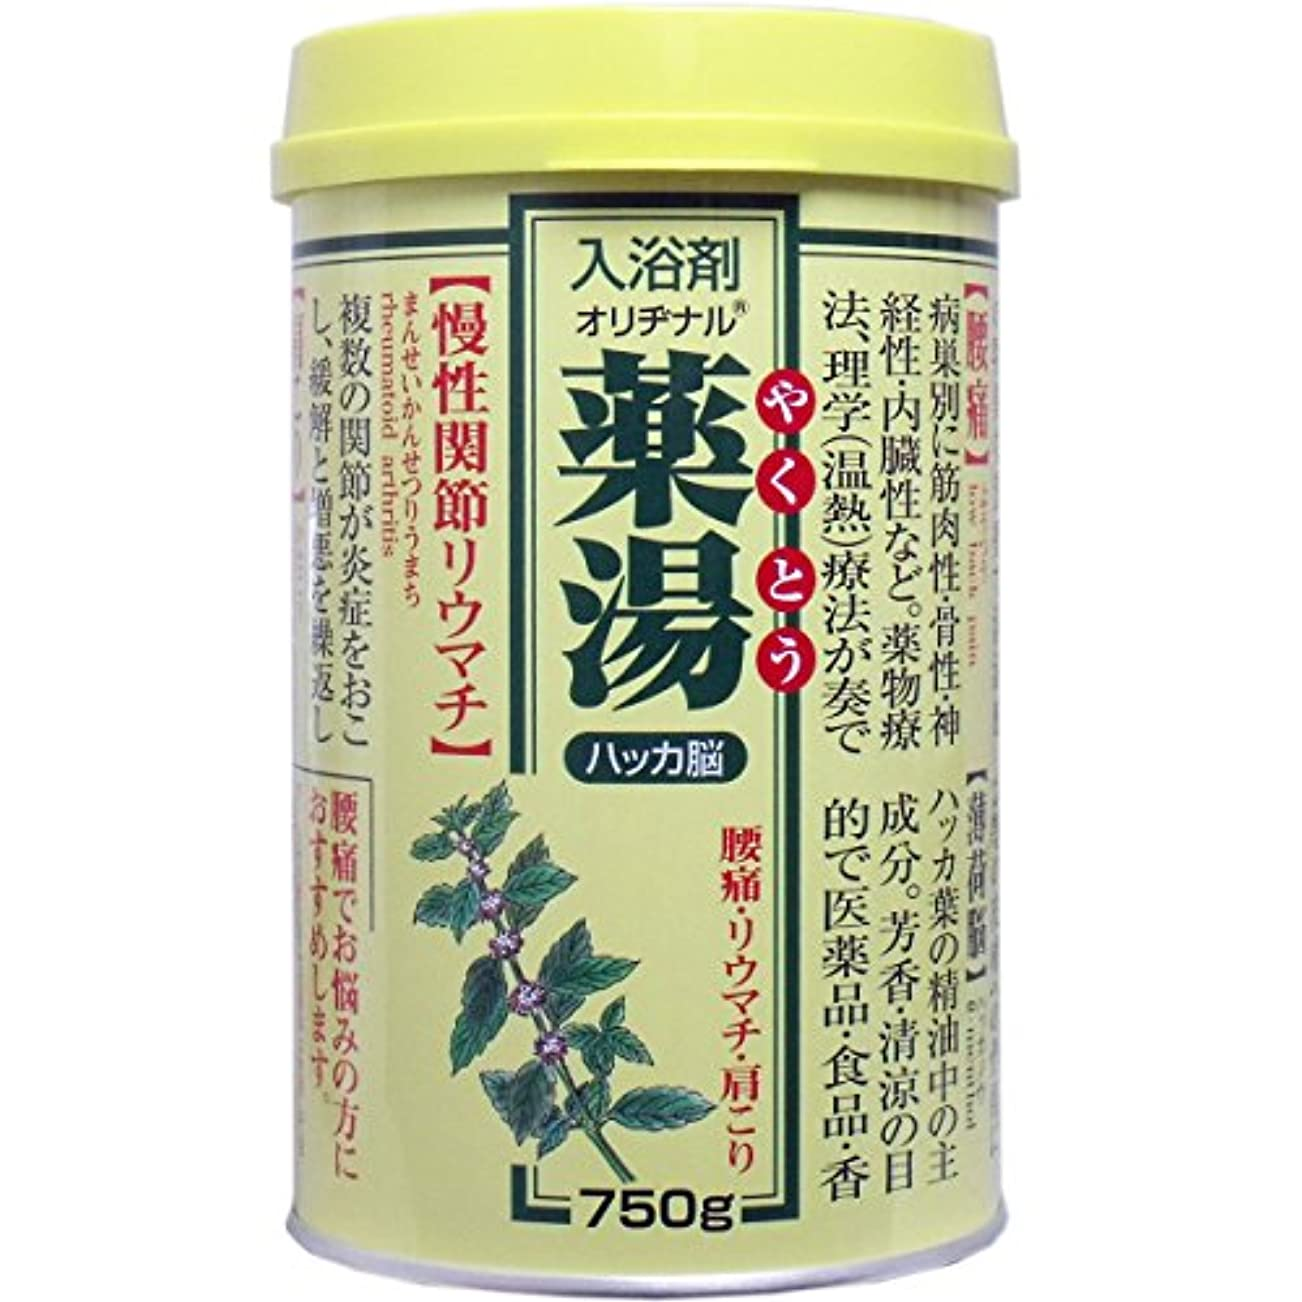 絶縁するカラススリッパ【まとめ買い】NEWオリヂナル薬湯 ハッカ脳 750g ×2セット